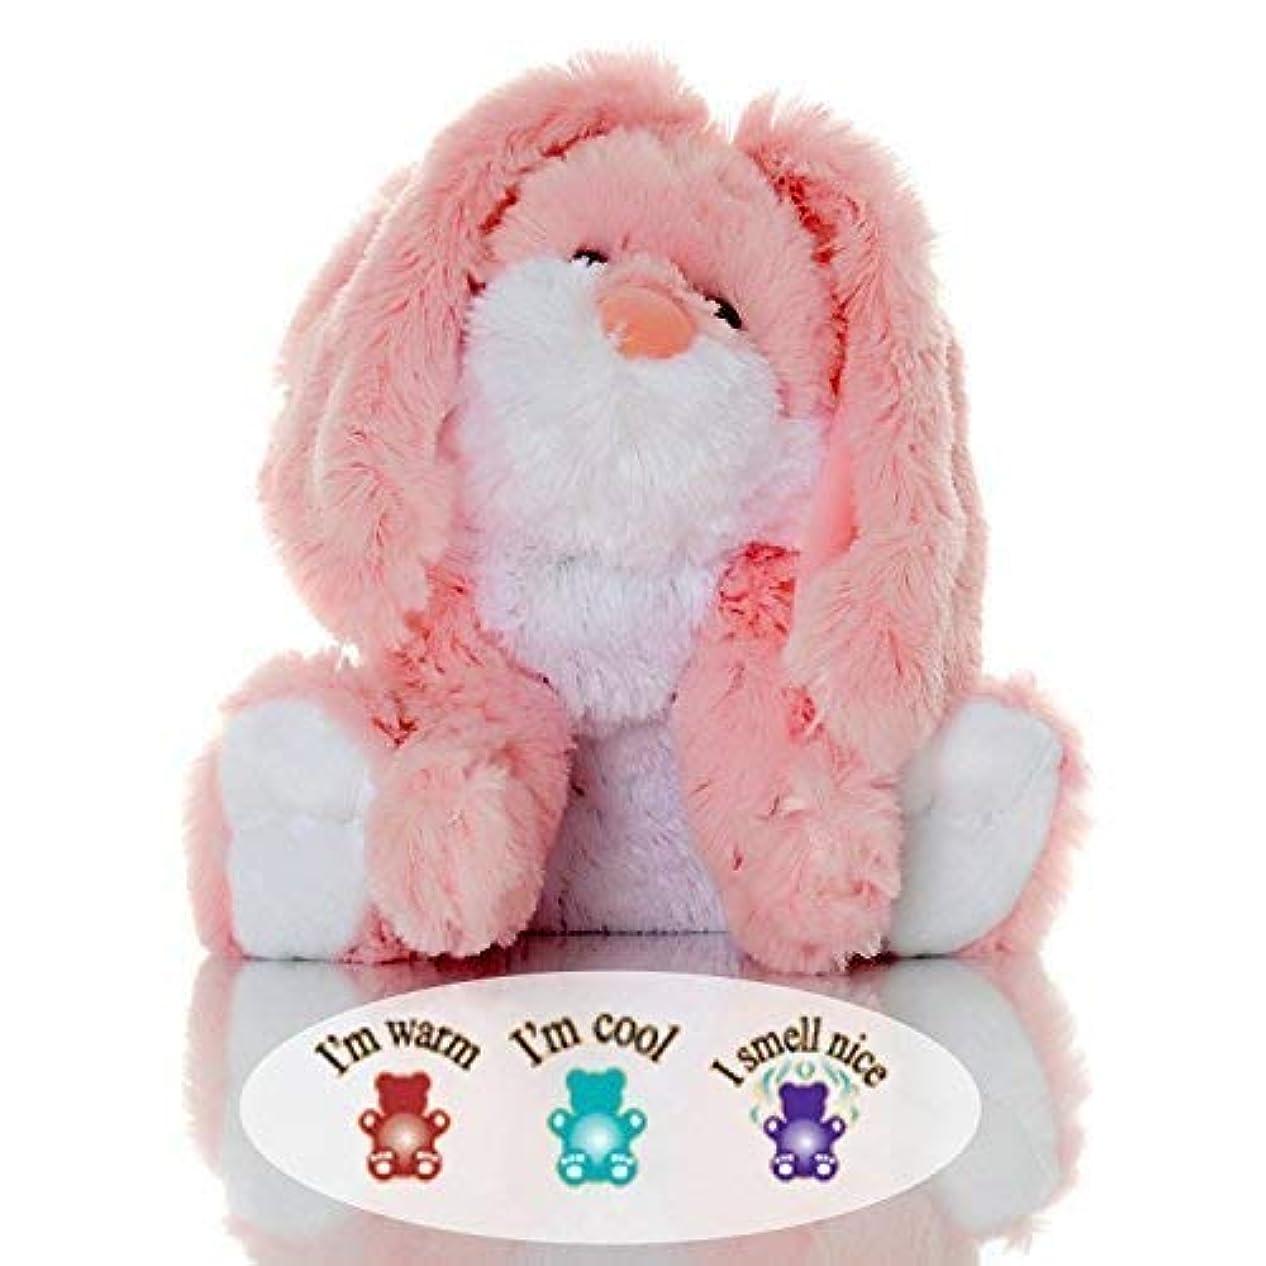 否認する提唱する粘土Sootheze Rosey Bunny Rabbit - Microwavable Stuffed Animal - Weighted Lavender Scented Aromatherapy - Hot and Cold...